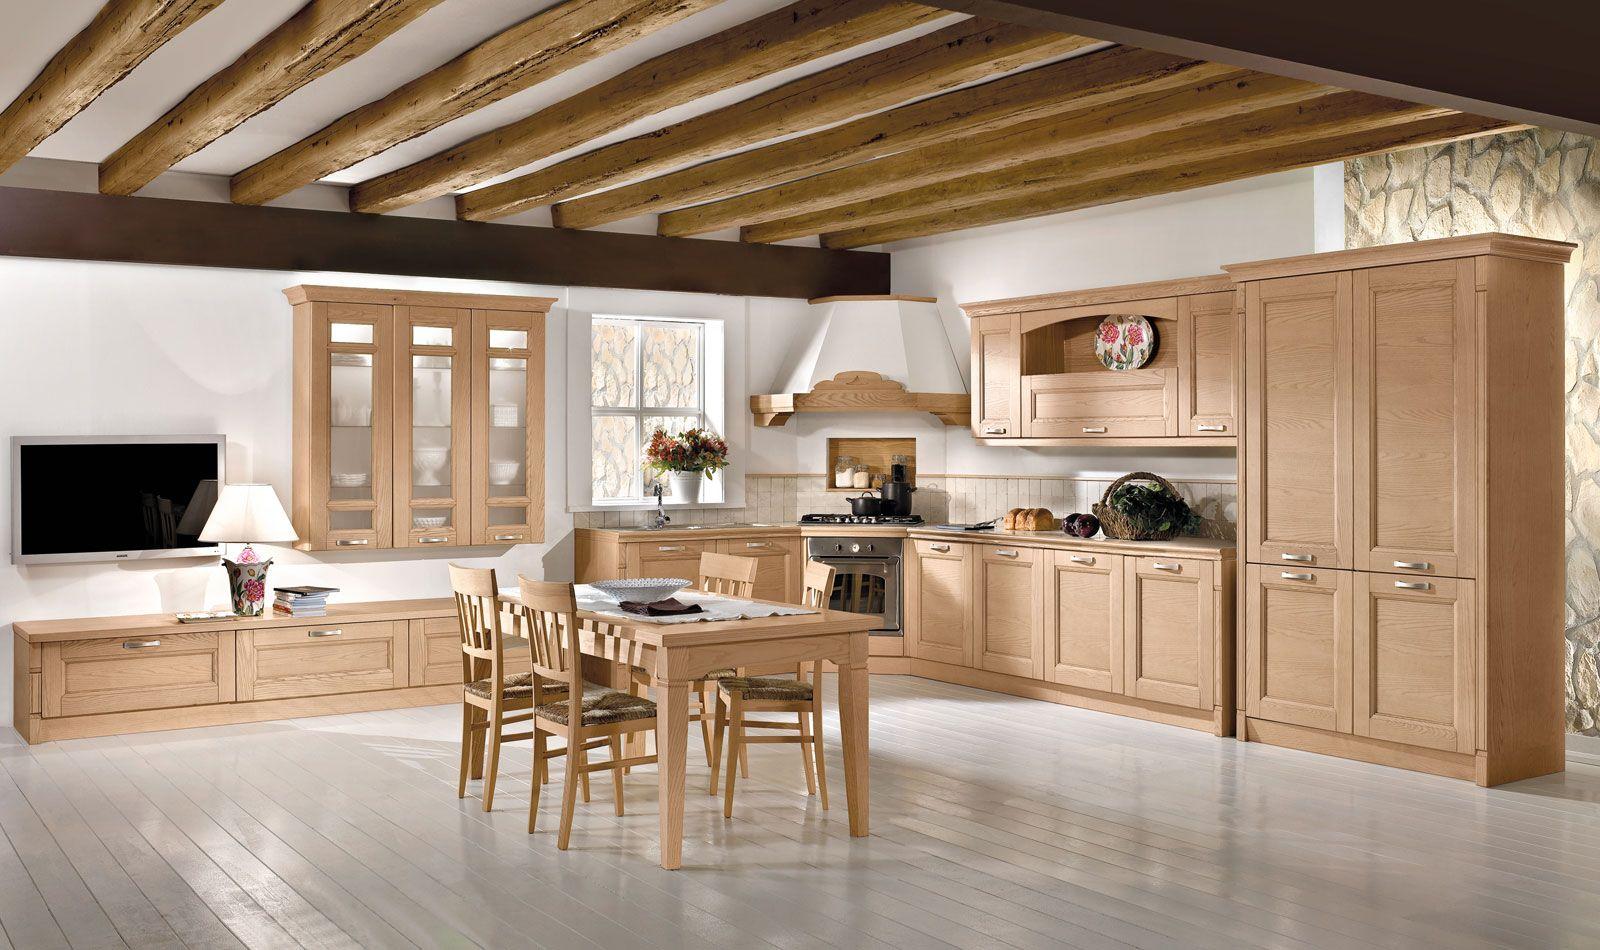 Arredo3 cucine moderne cucine classiche cucina cucine for Cucine classiche arredo 3